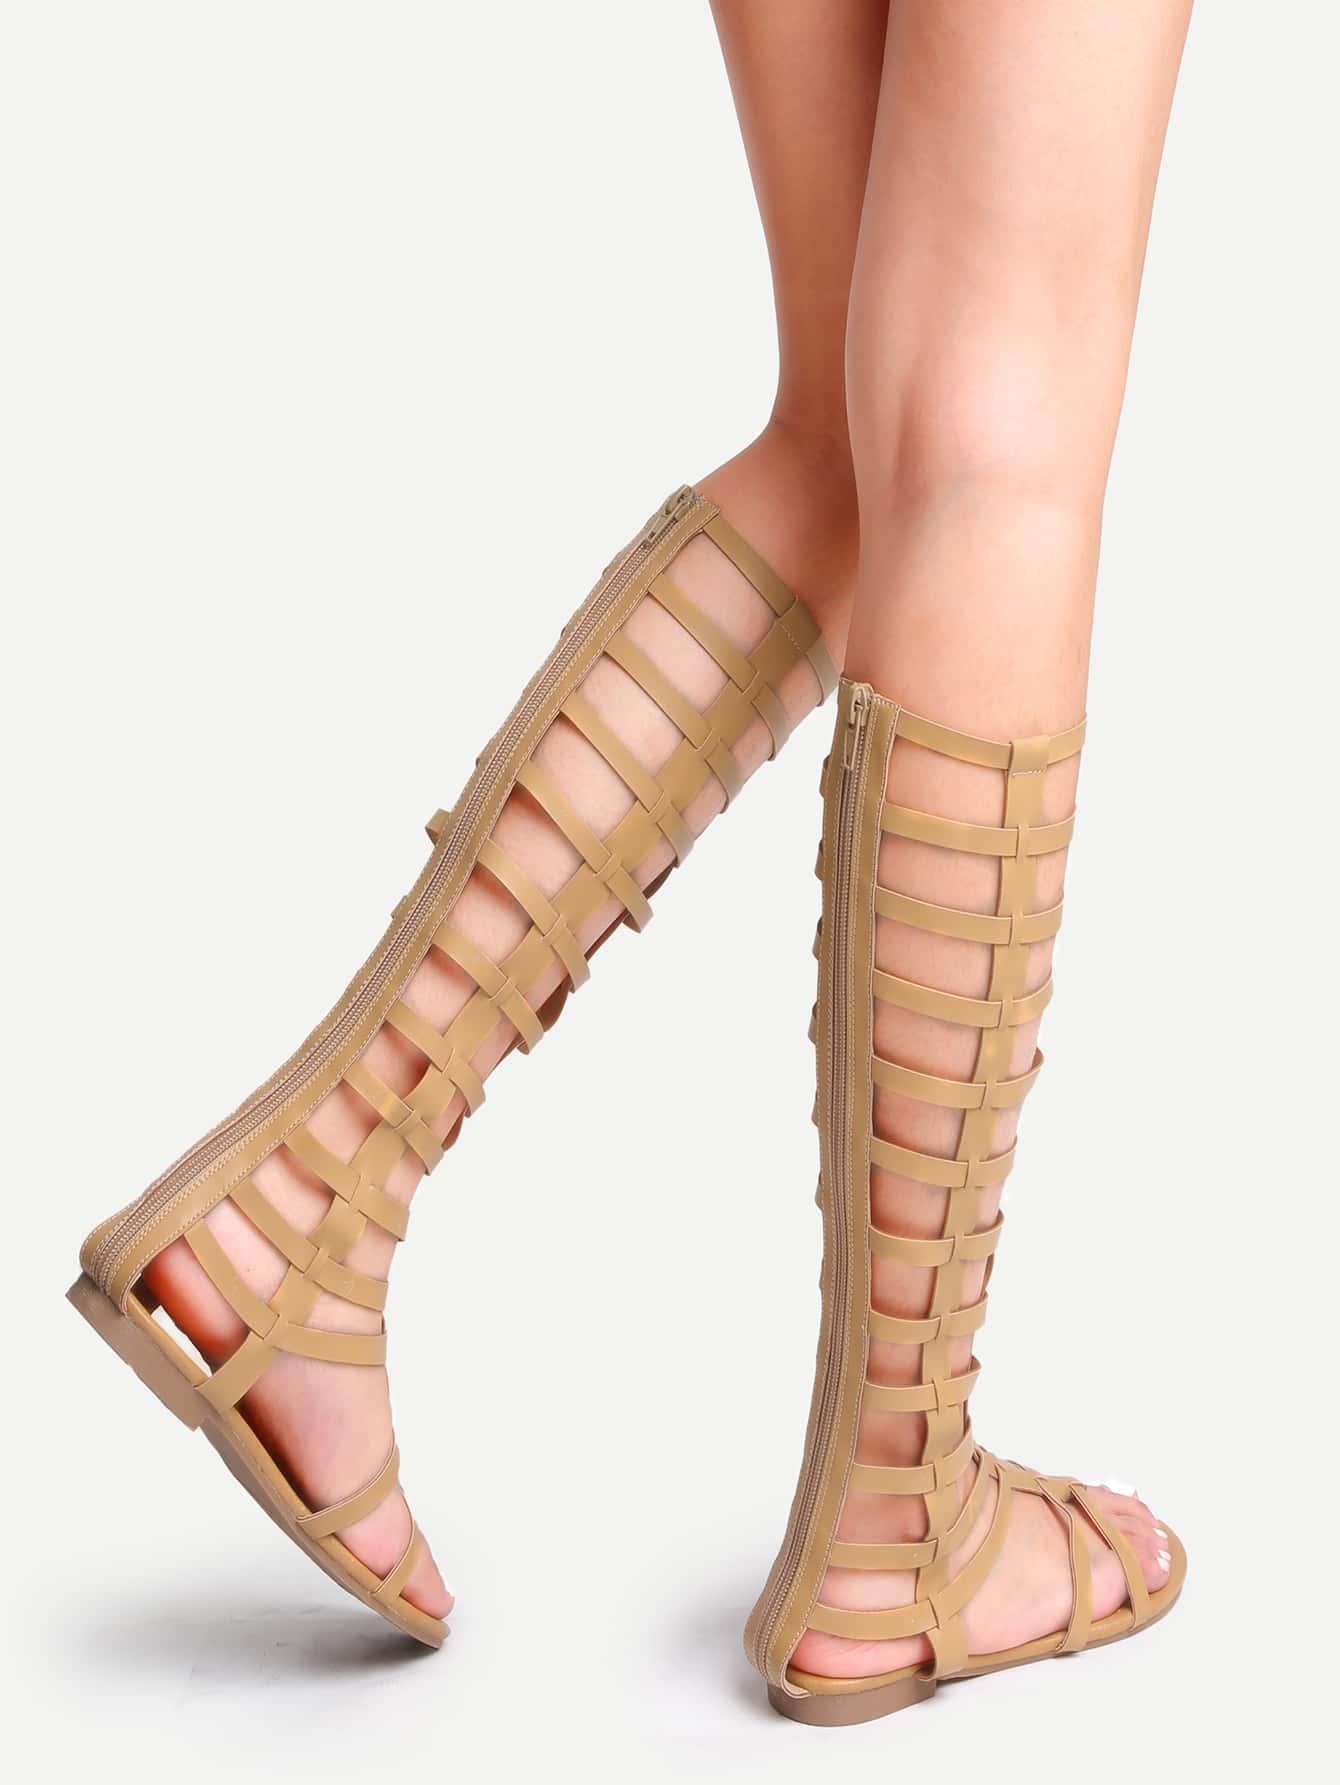 shoes160907805_2